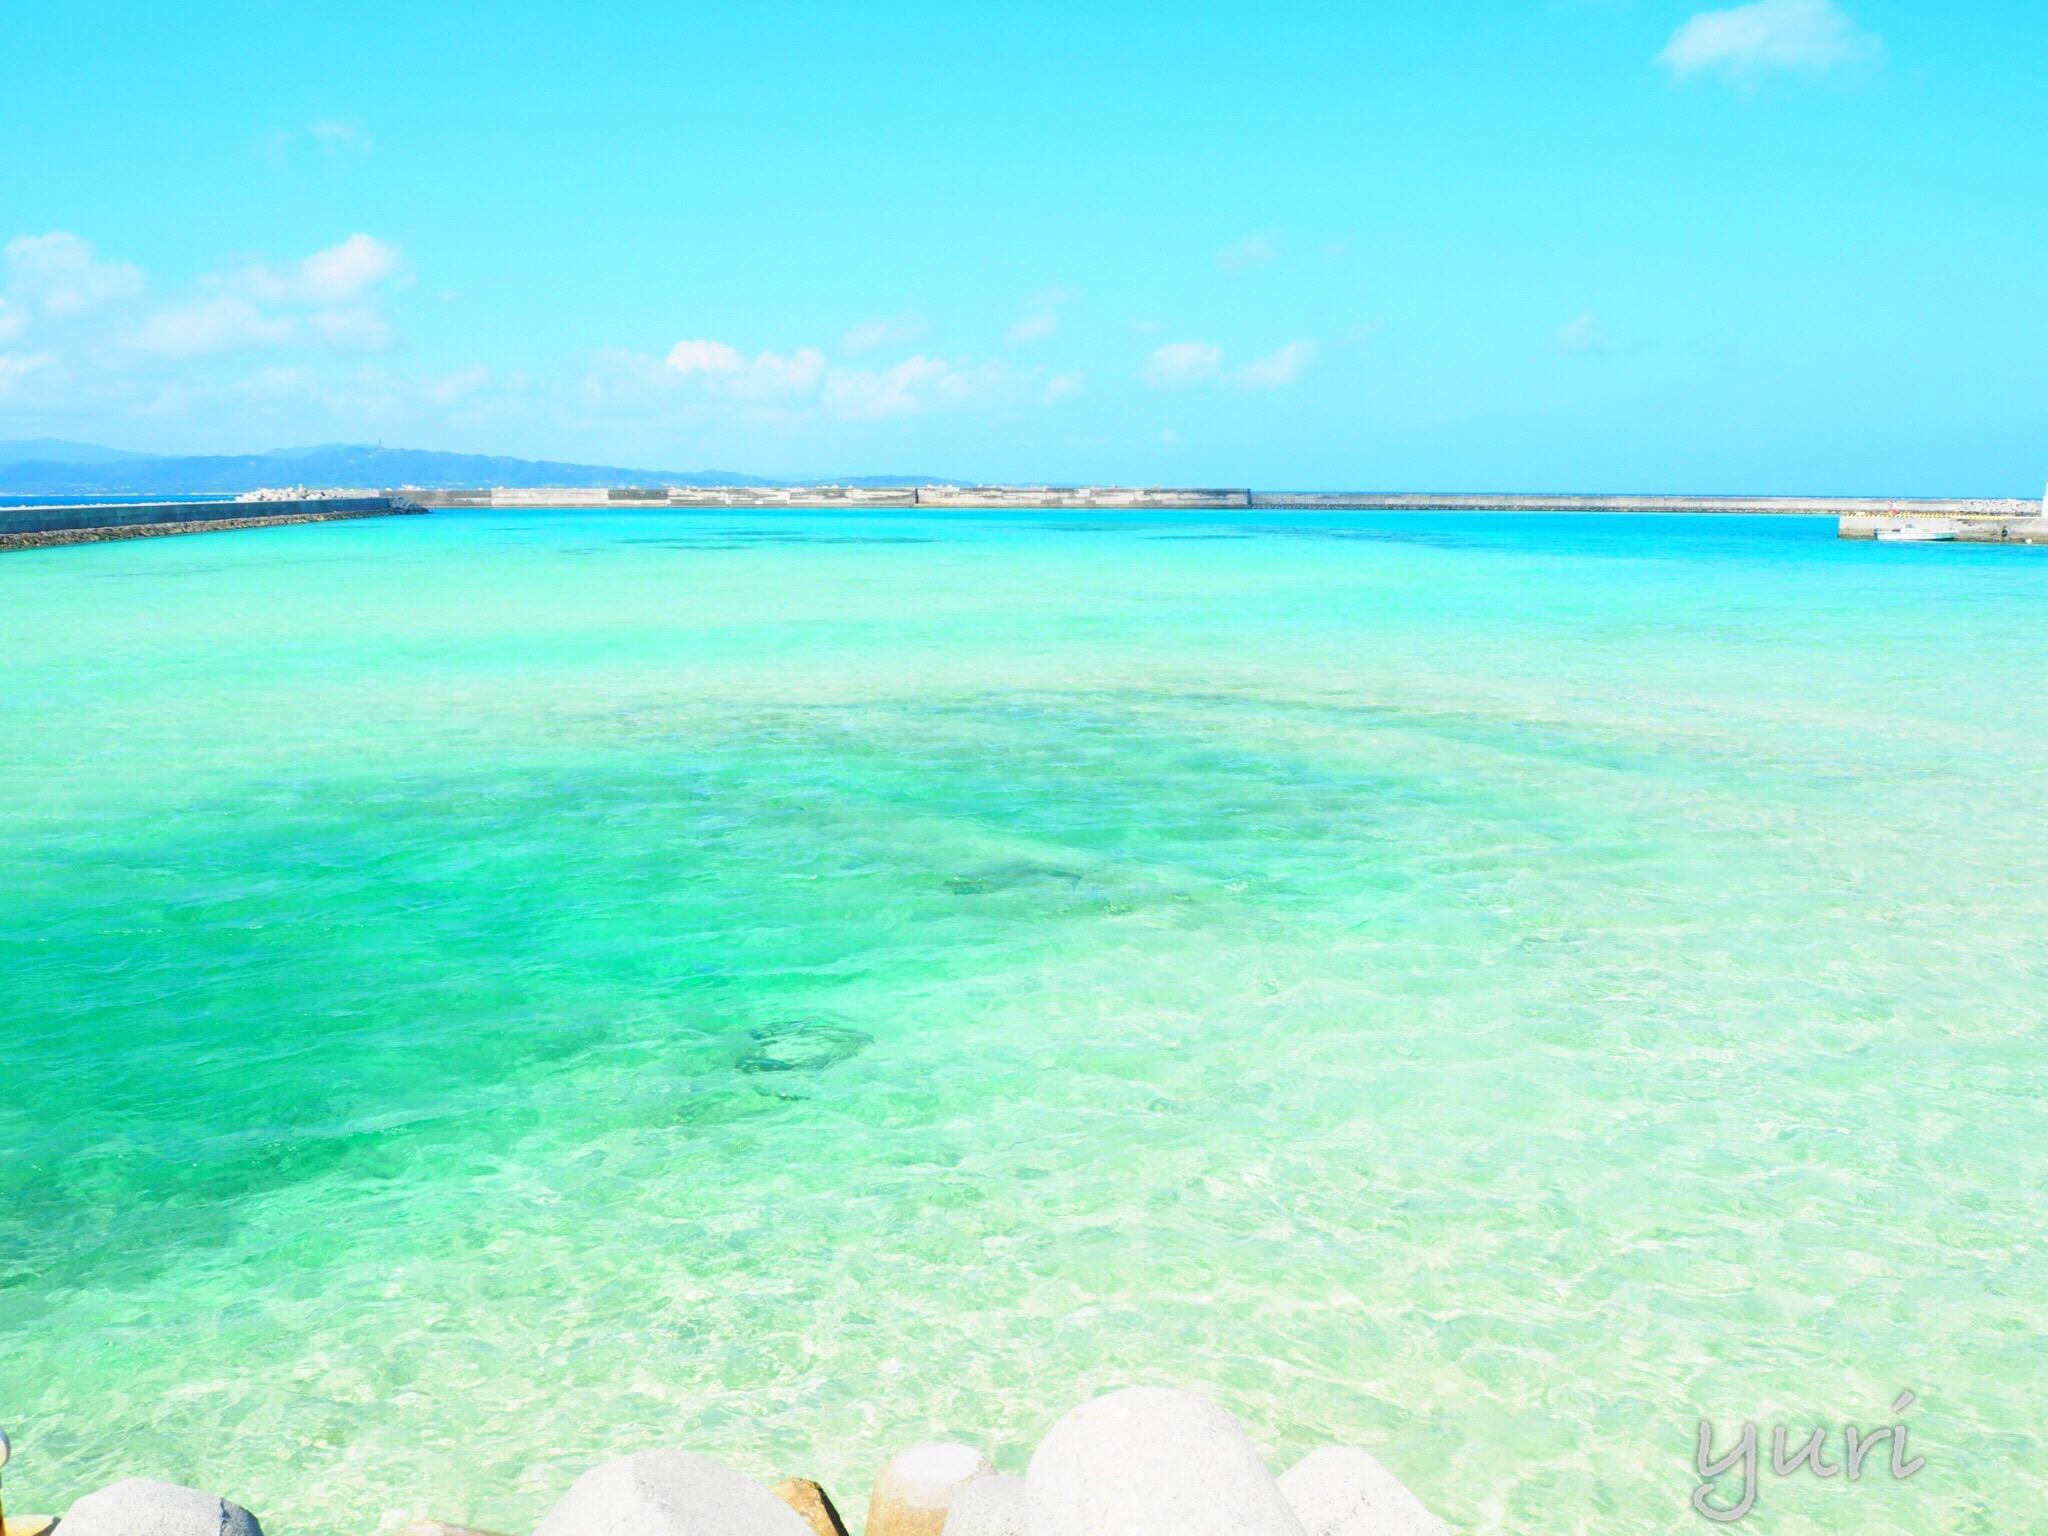 ハワイよりも美しい海に出会える!?「鳩間島」を自転車で観光してみた